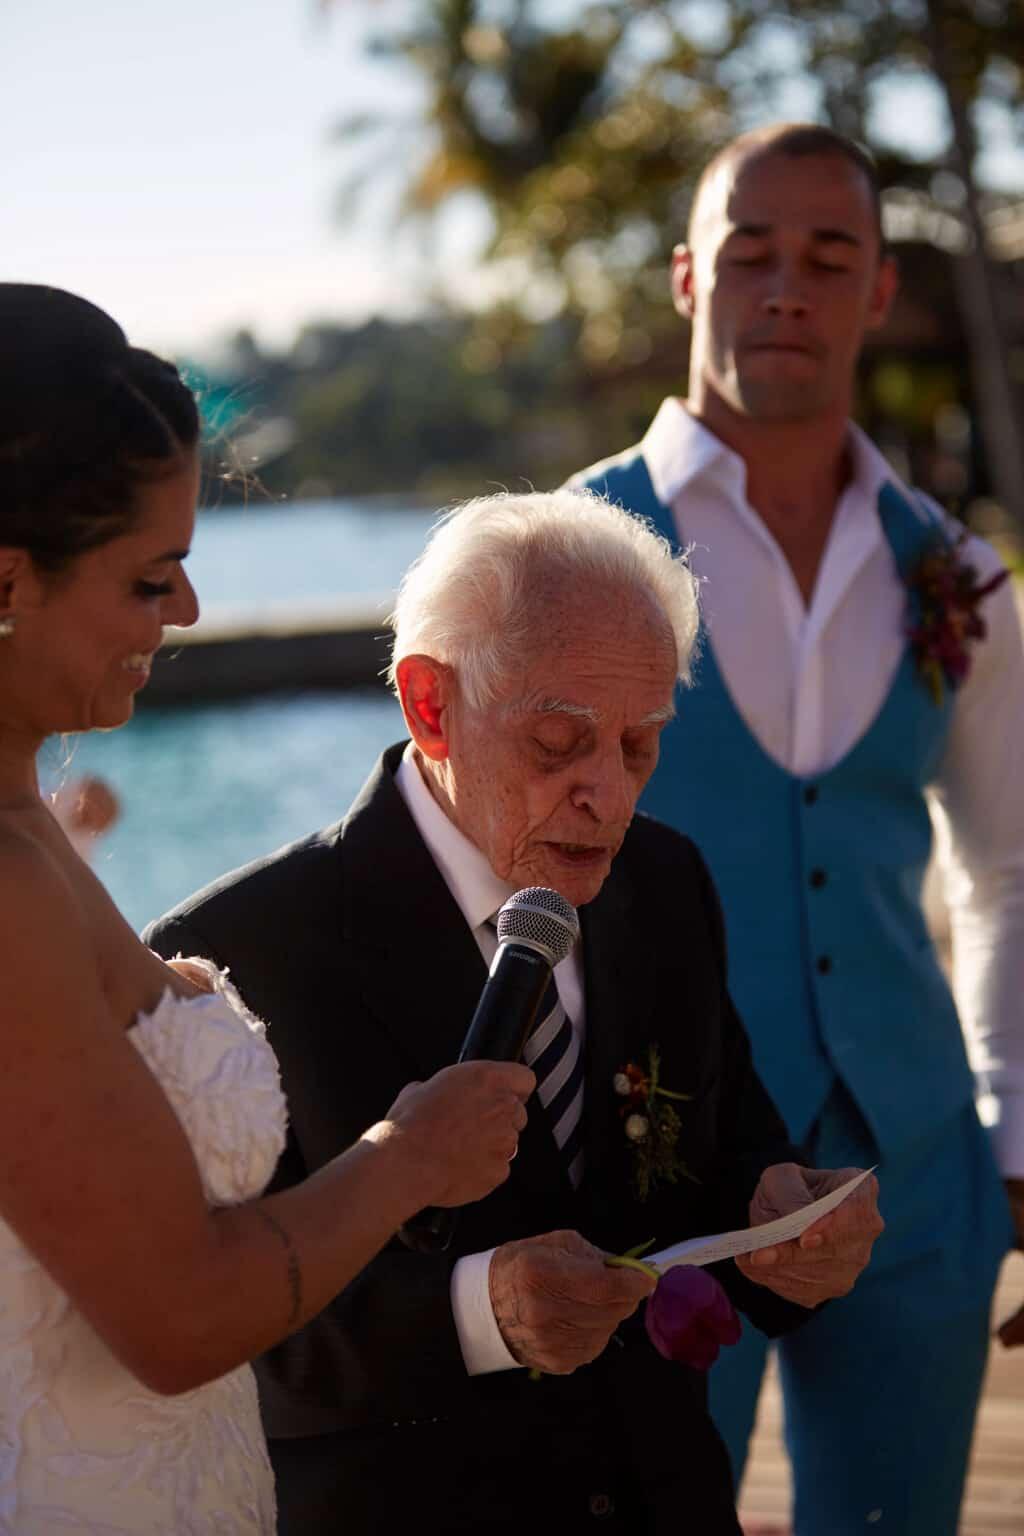 casamento-bruna-e-frederic-cerimonia-ao-ar-livre-cerimonial-camila-luz-decor-renata-paraiso-decoracao-boho-noivos-no-altar55-1